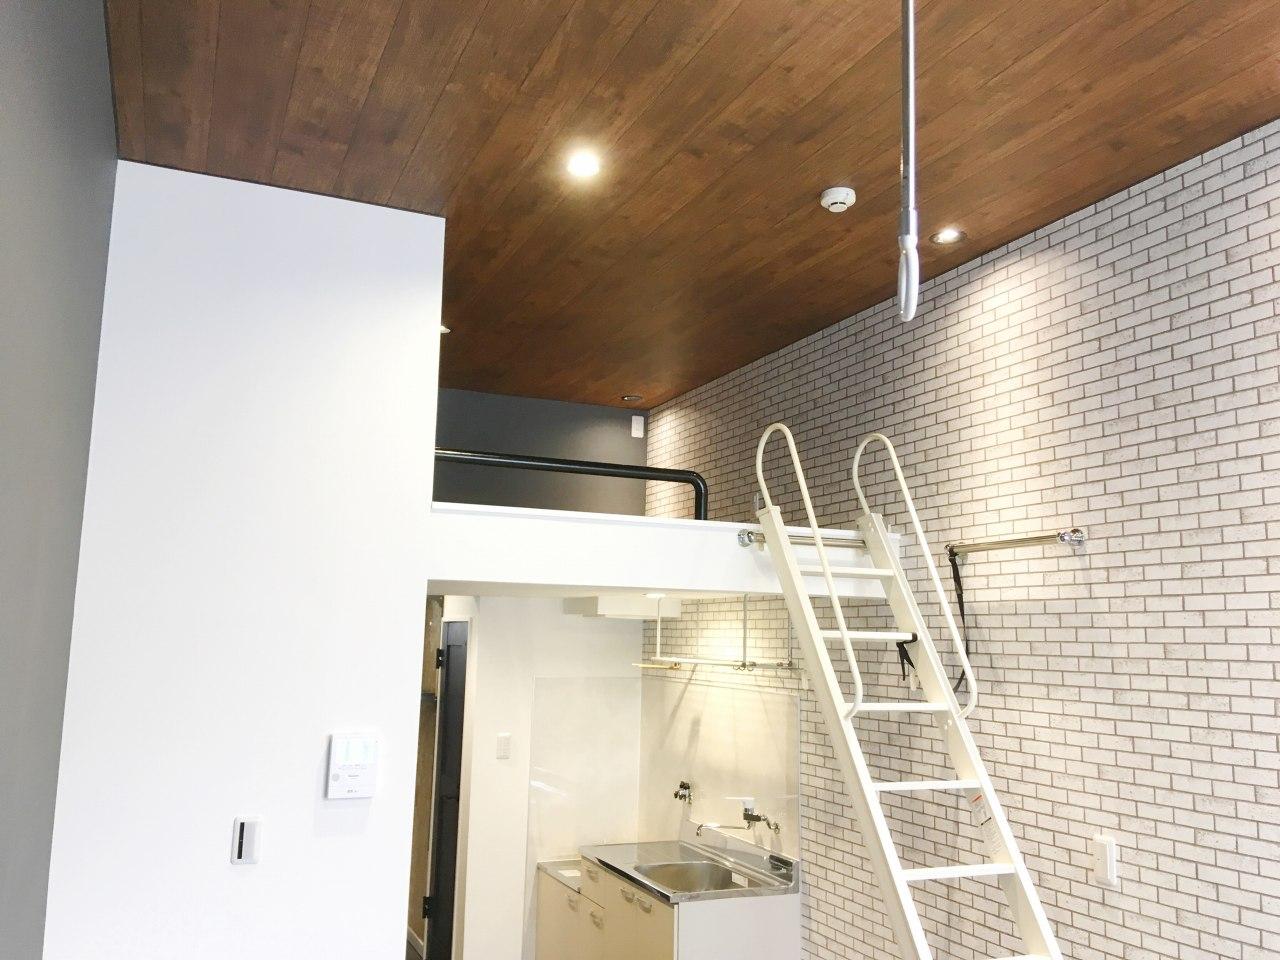 【アパート改修】木目天井&タイル壁紙でカフェ風の落ち着いた雰囲気に